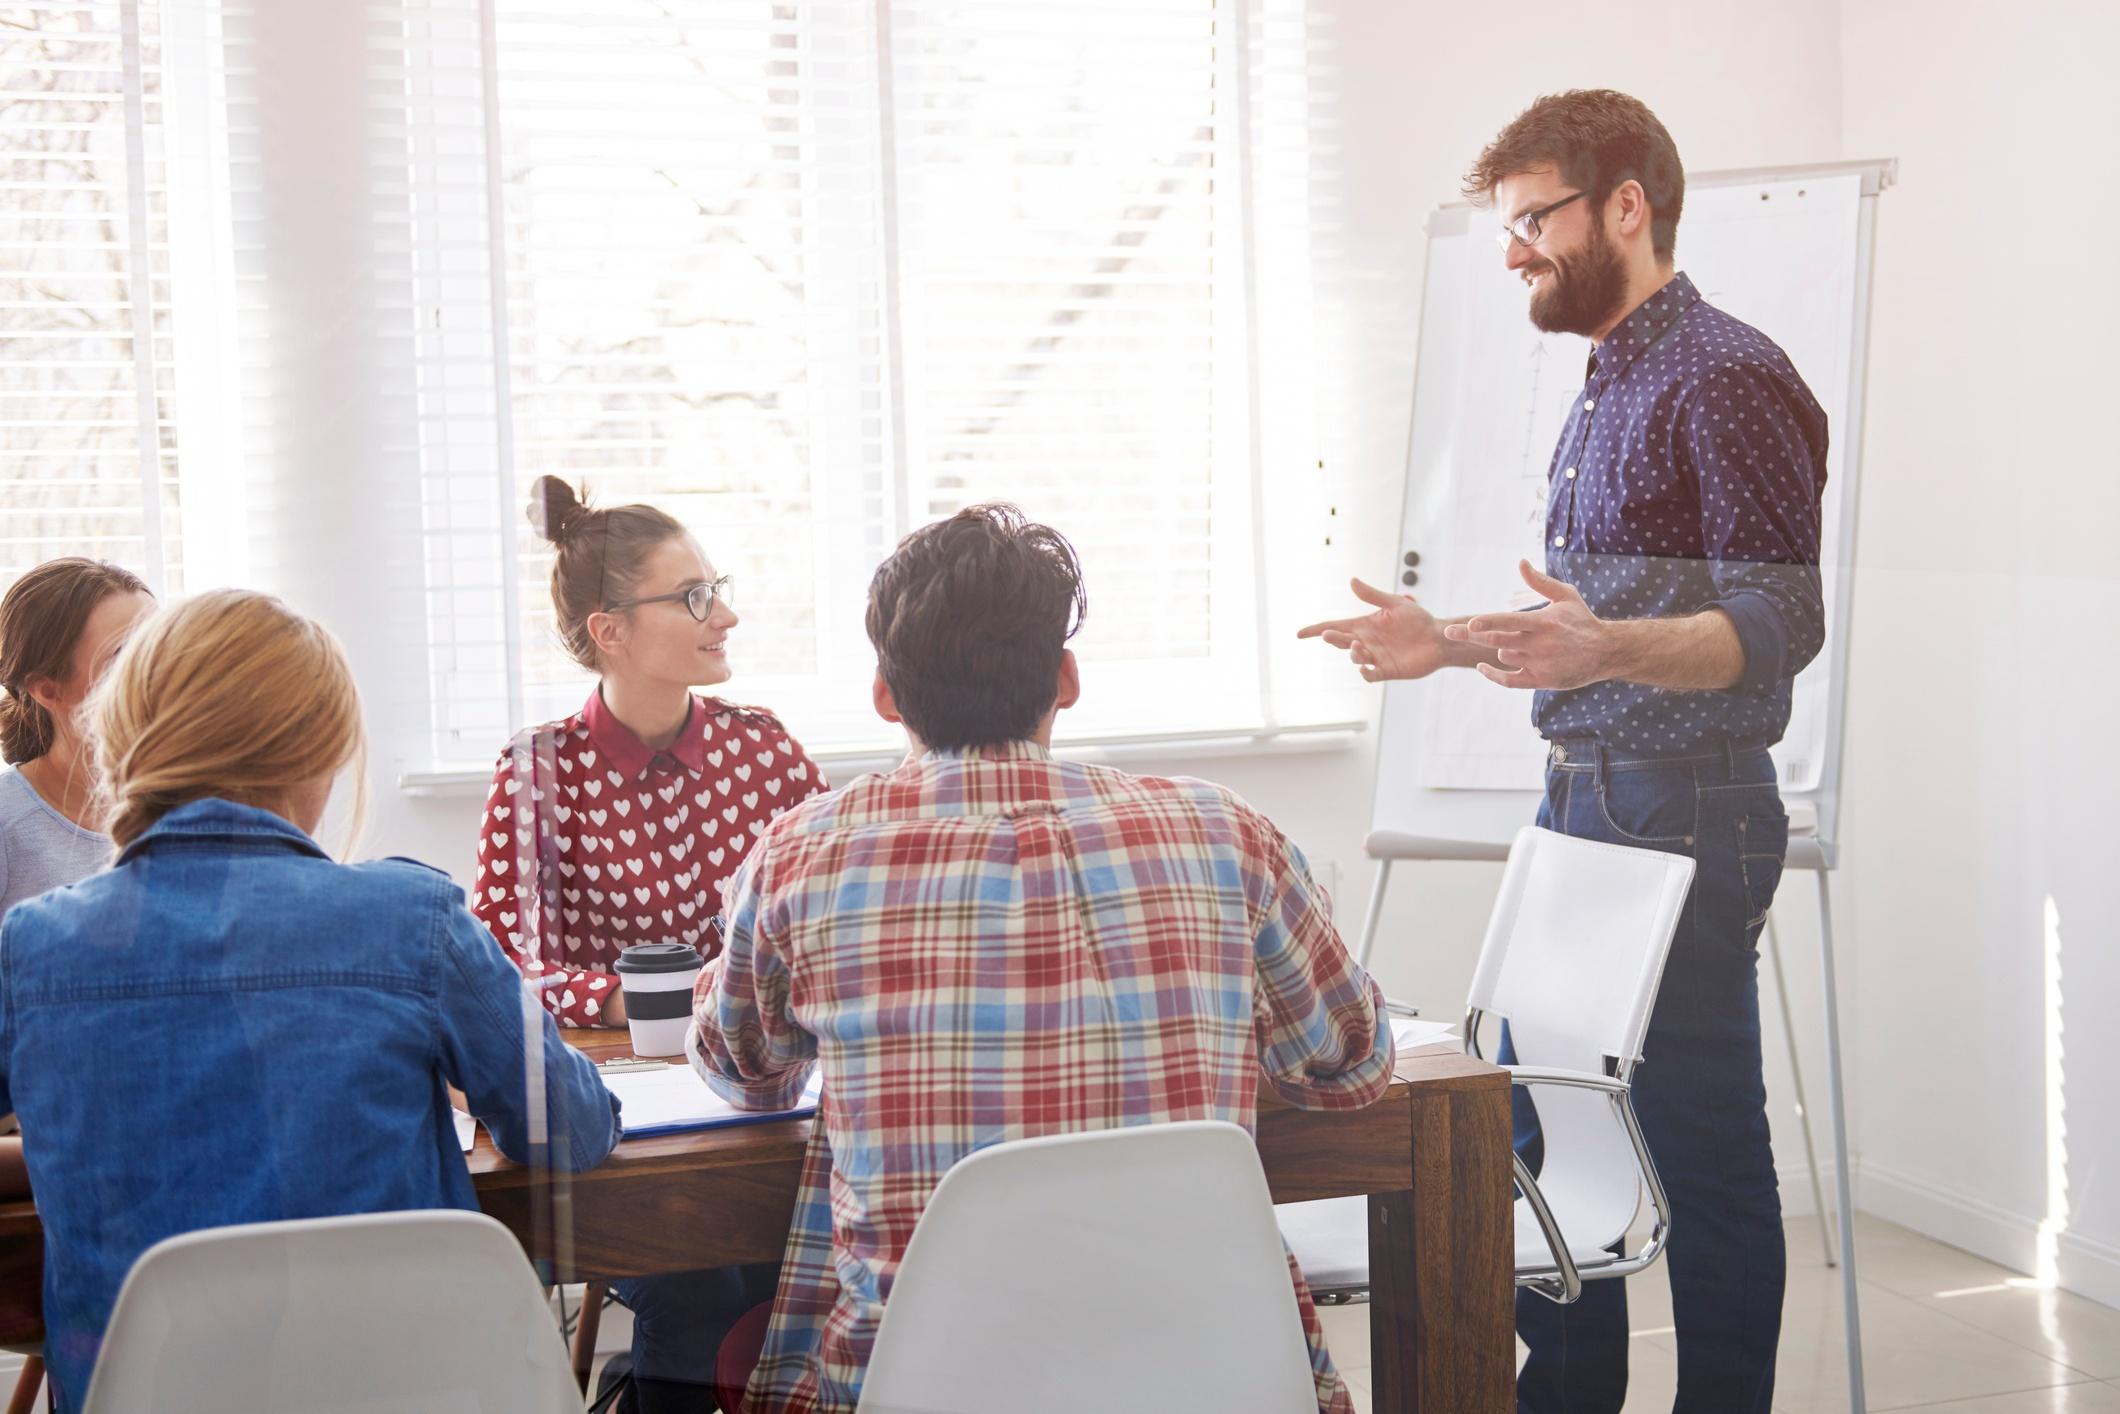 man-presenting-at-a-meeting